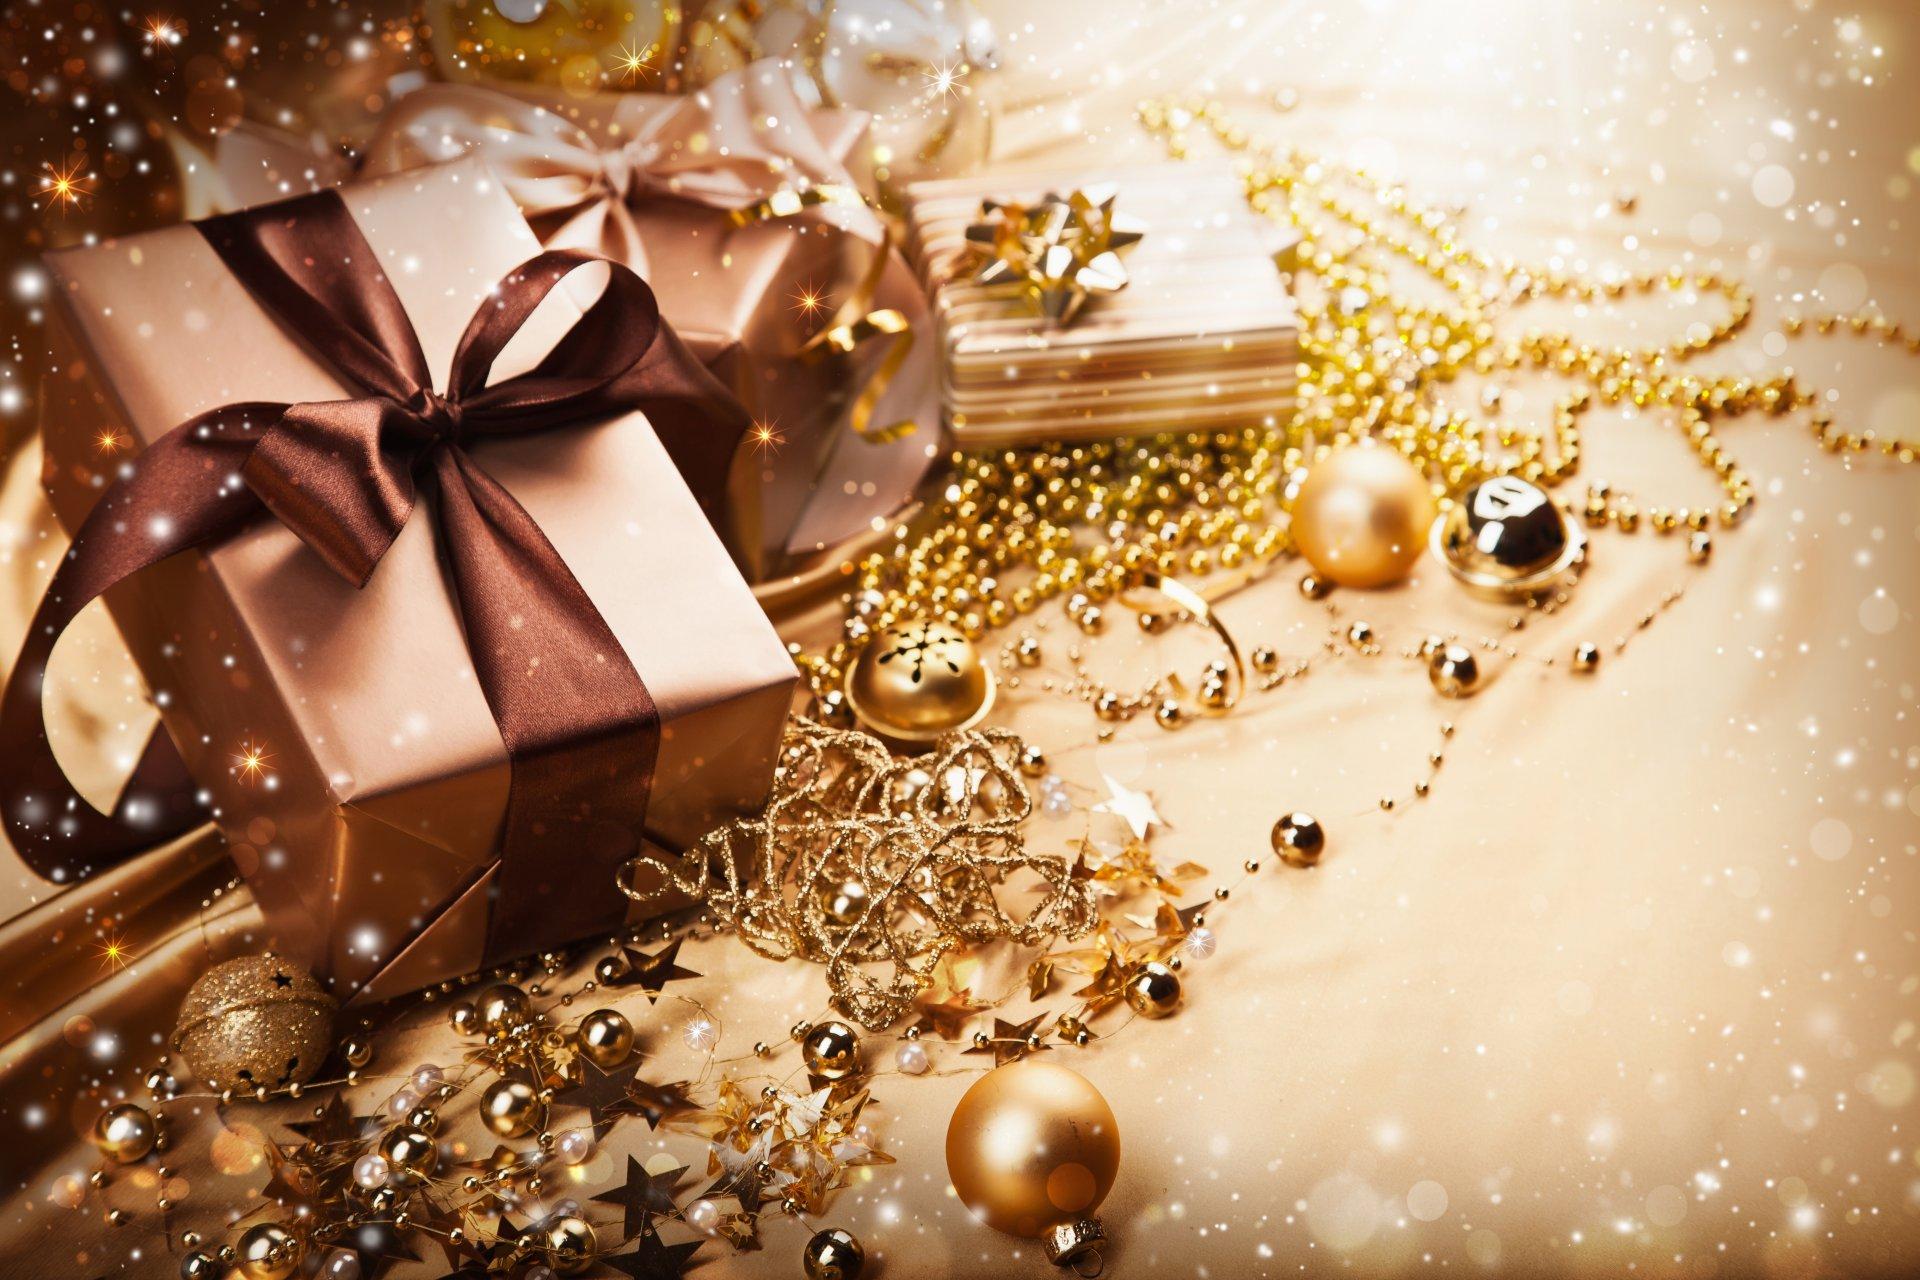 с новым годом открытка коричневая